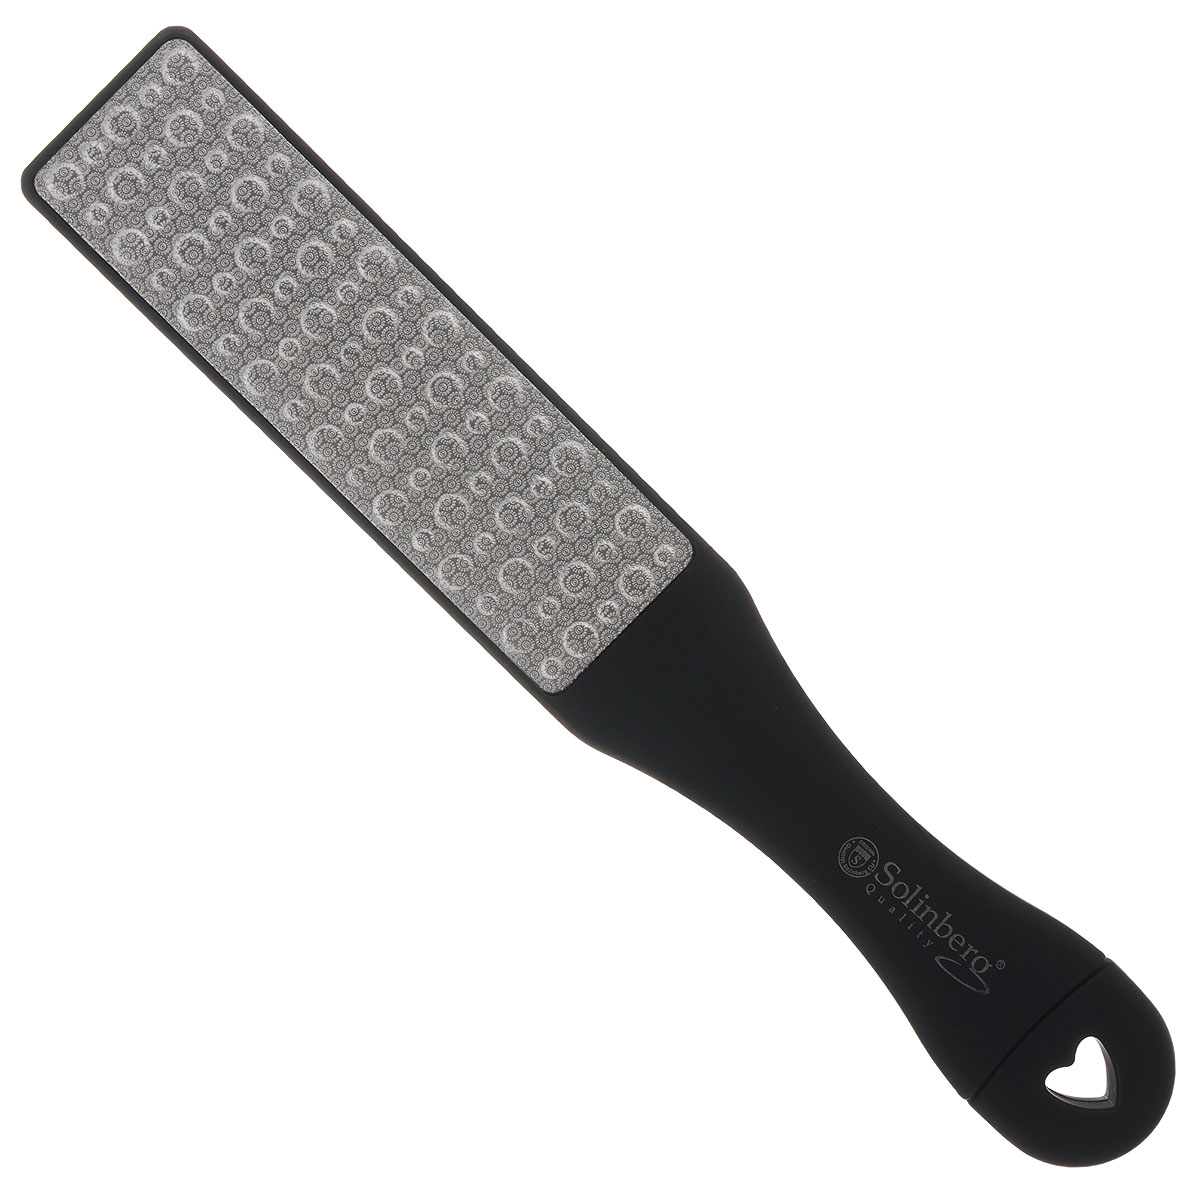 Solinberg Терка для обработки мозолей и огрубевшей кожи ног GD-4800, двусторонняя261-4800;261-4800Двусторонняя терка для ног Solinberg с лазерной перфорацией, с удобной пластиковой ручкой предназначена для сухого педикюра. Одна сторона - терка (с массажным эффектом), другая сторона - шлифовка.Специальные покрытия разной абразивности обеспечат бережный уход за вашими ногами.Способ применения: распарьте ступни ног и равномерными движениями удалите загрубевшую кожу. Пилочкой в ручке терки, при необходимости, обработайте ногти. После процедуры смажьте ступни смягчающим кремом.Товар сертифицирован.